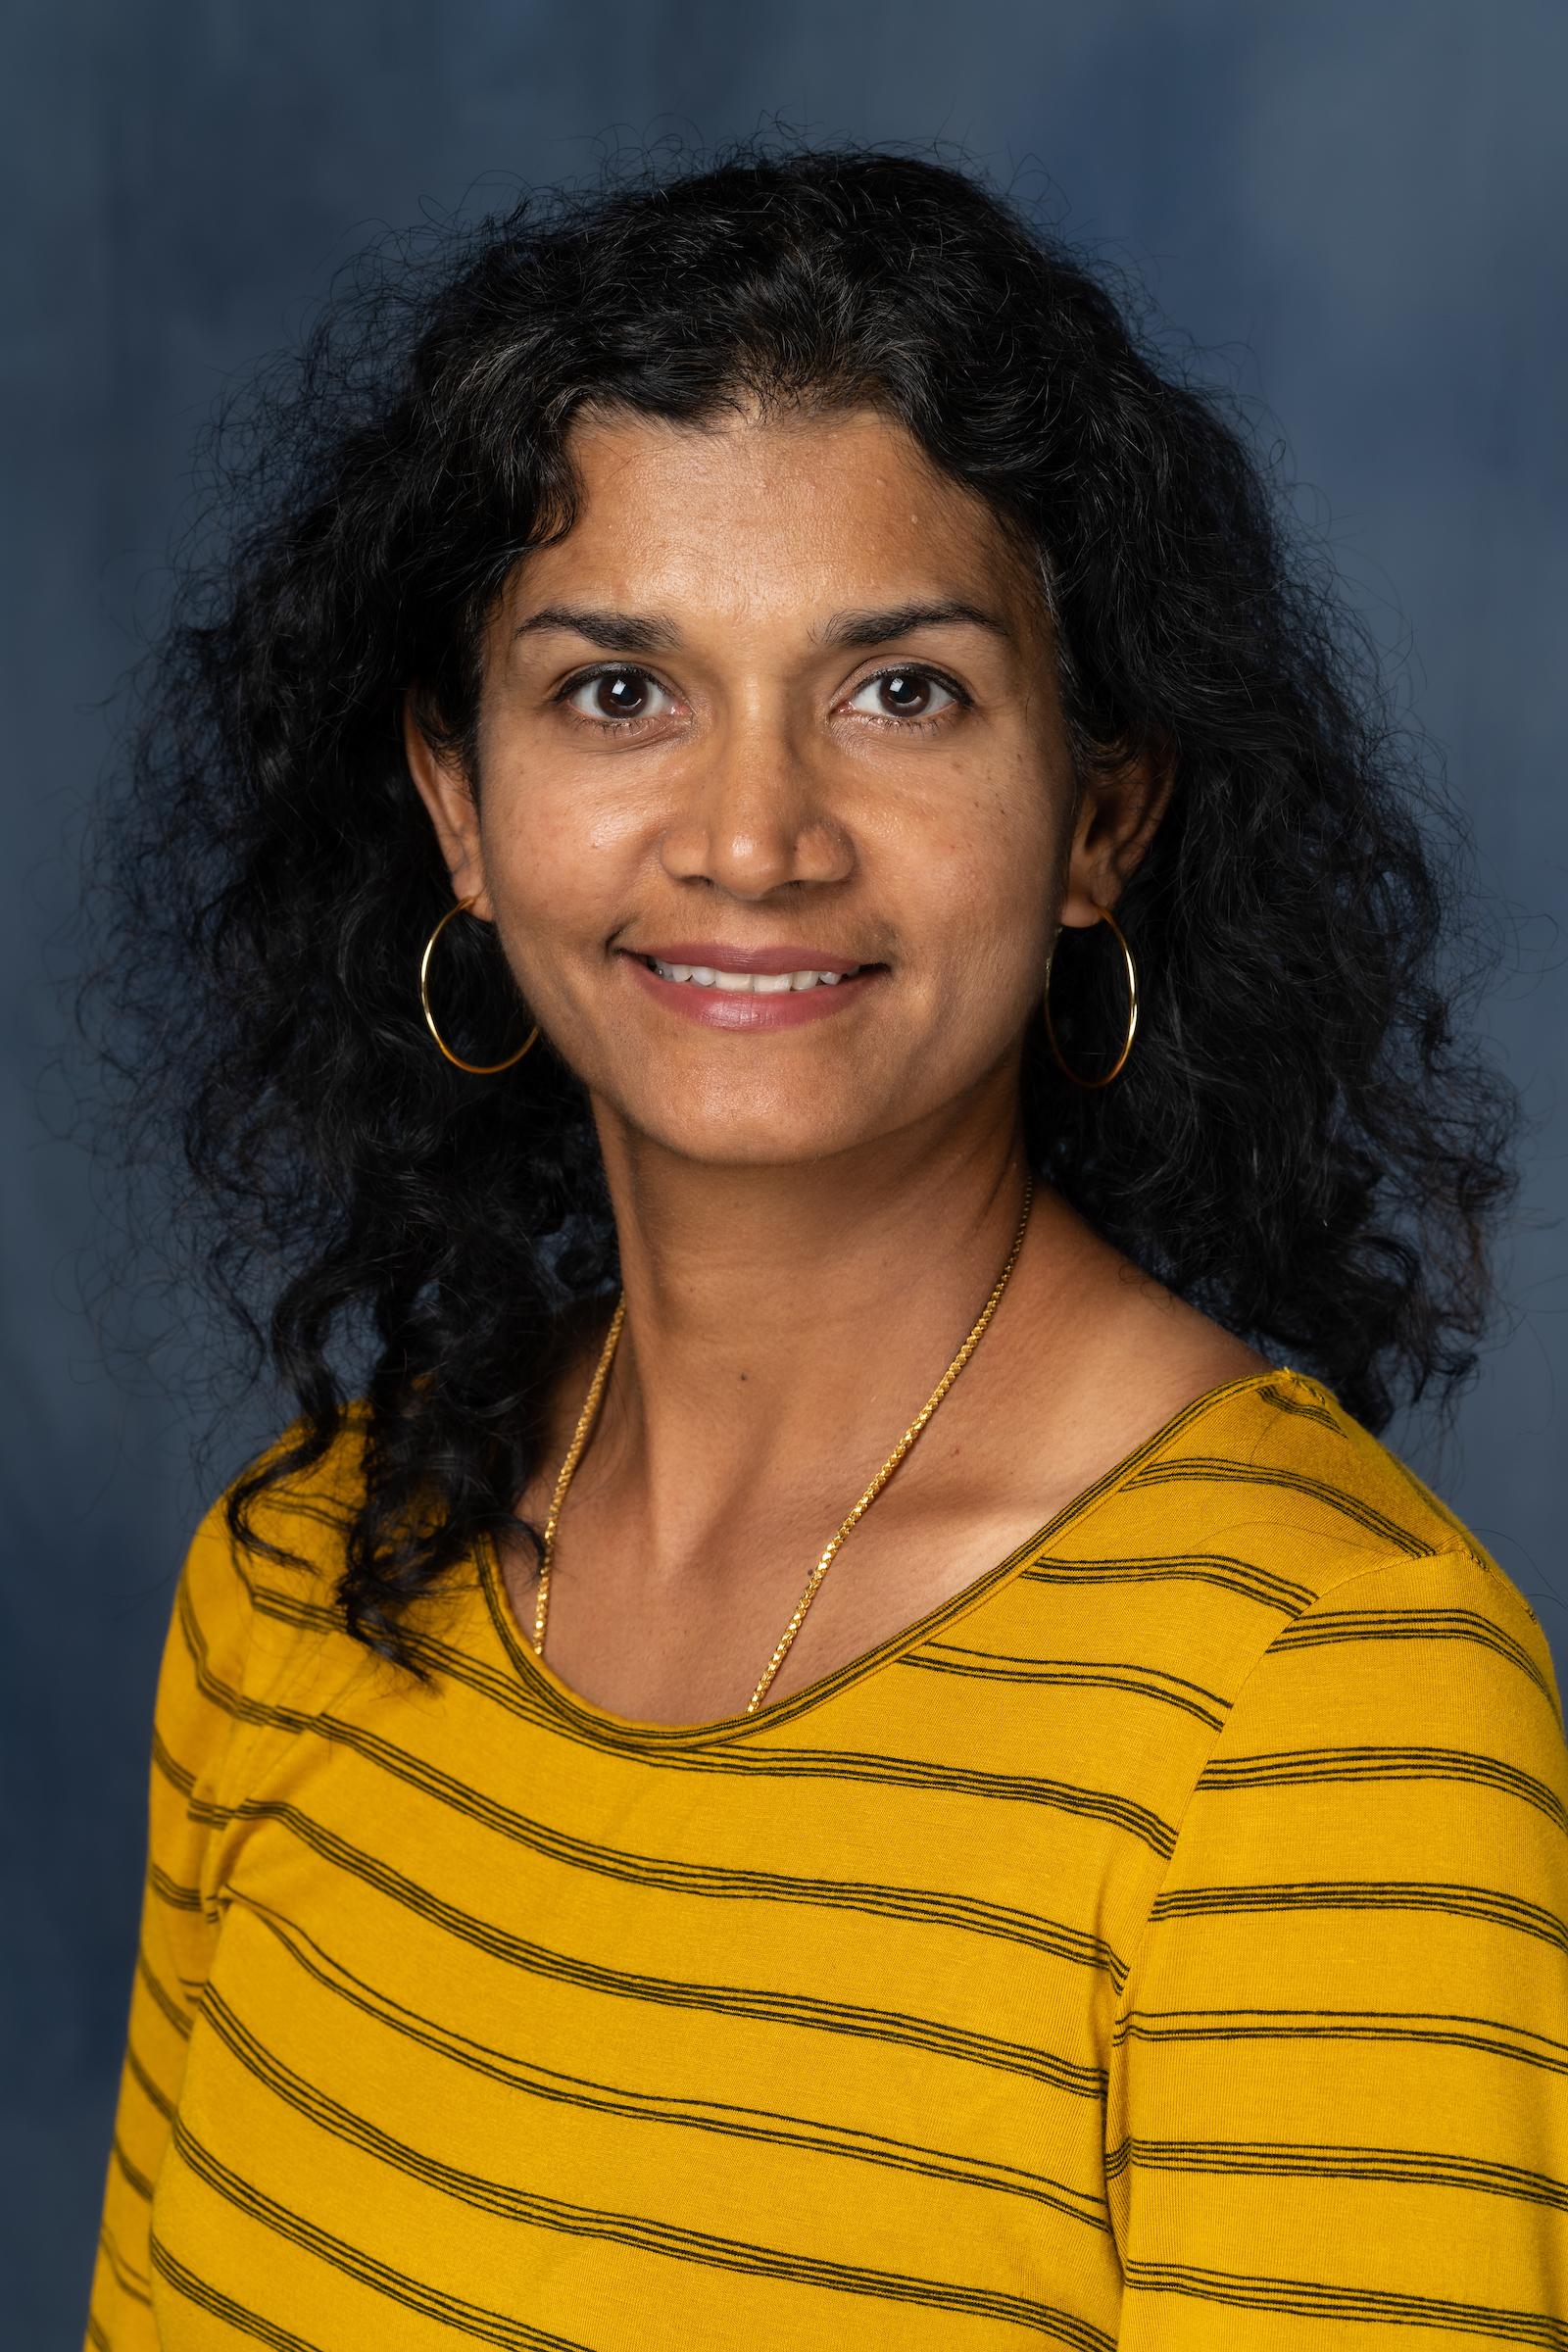 posed headshot of Vedam-Mai